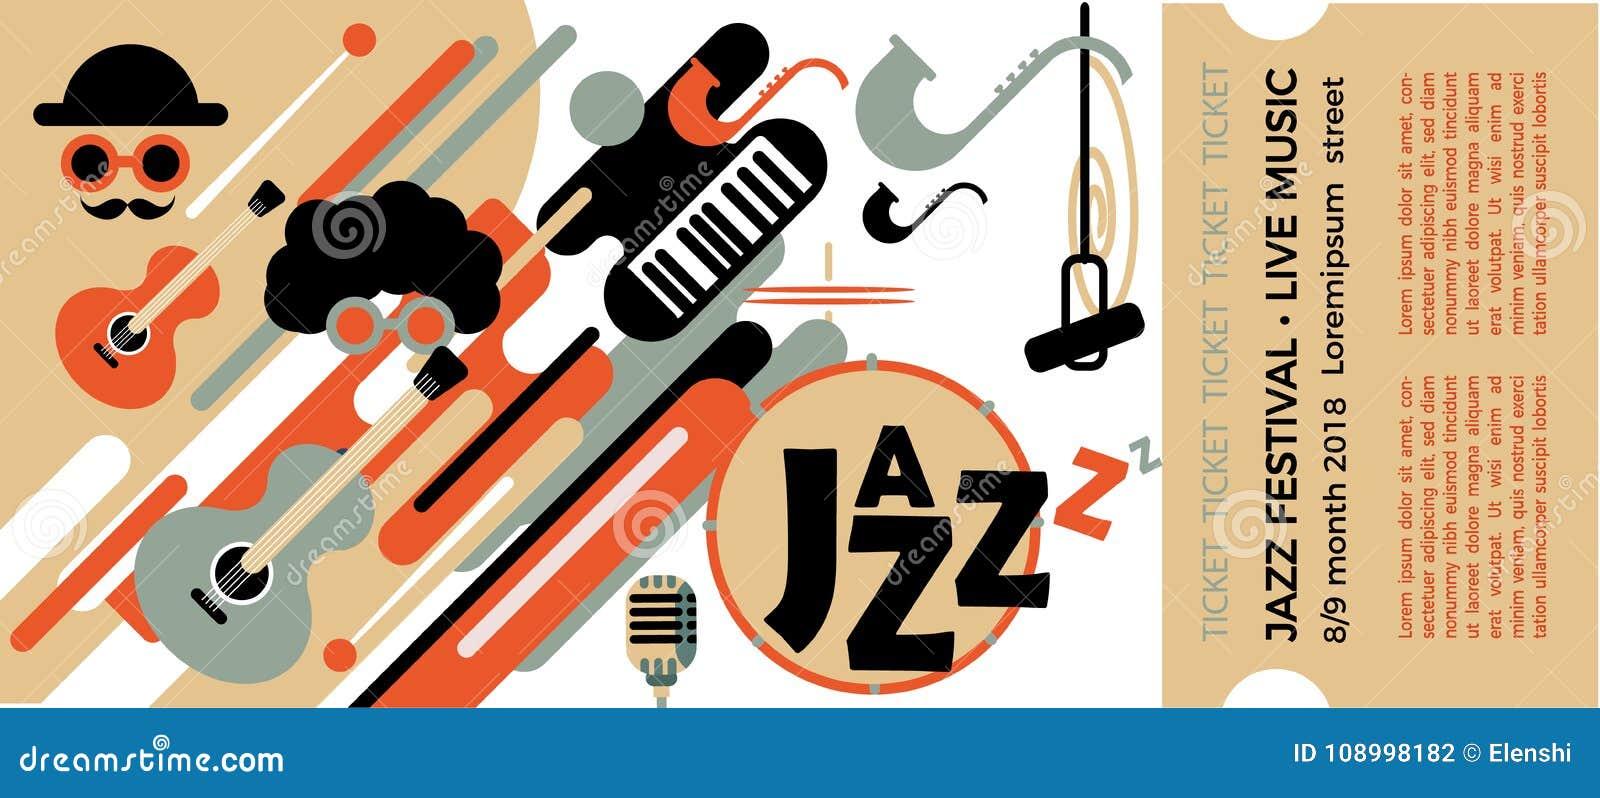 Schablone Für Die Karte Des Jazzfestivals Mit Musikinstrumenten ...